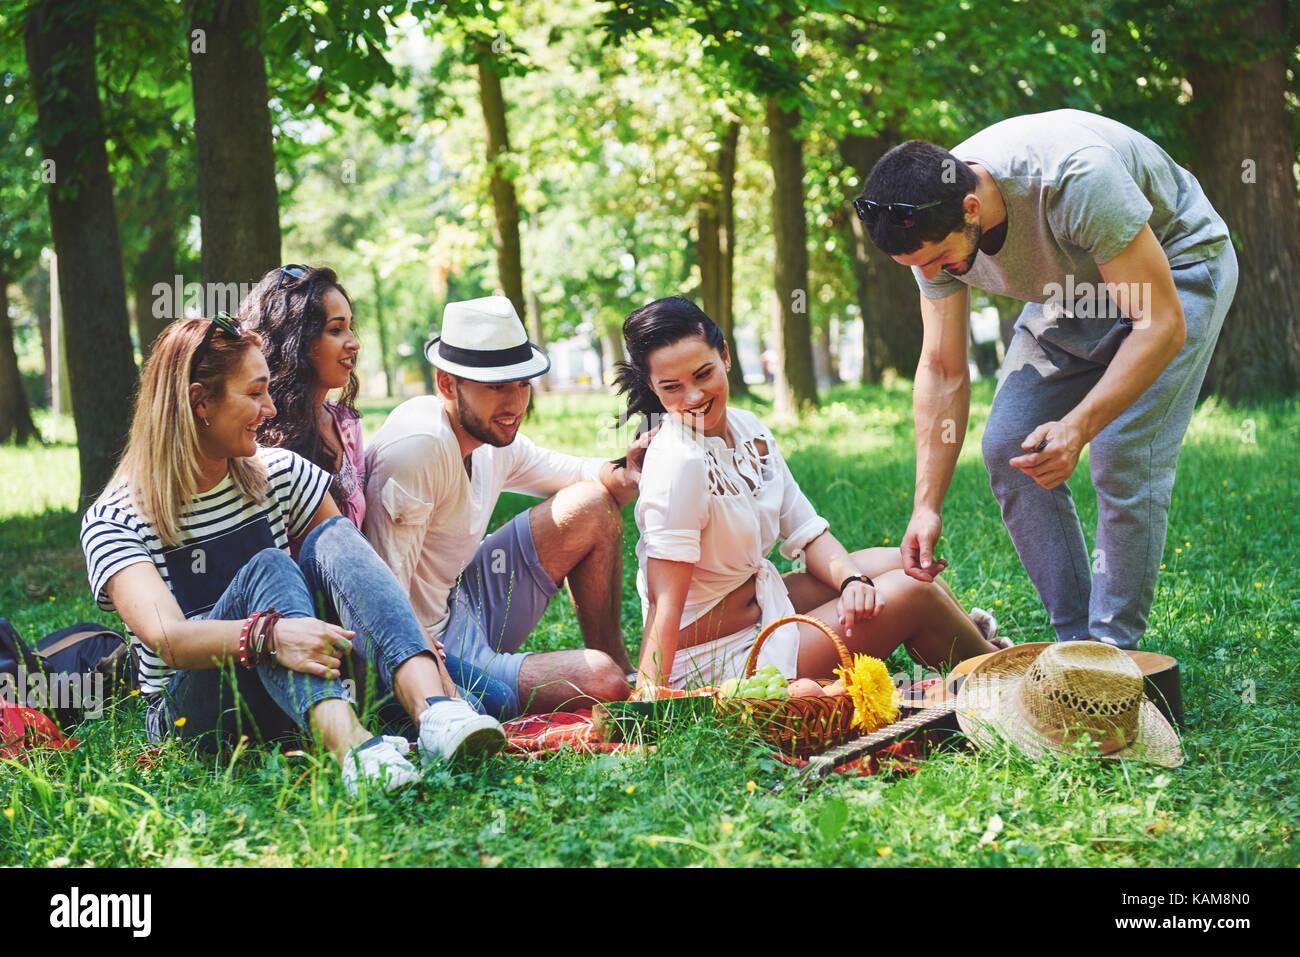 Gruppo di amici avente pic-nic in un parco in una giornata di sole - persone appendere fuori, per divertirsi durante Immagini Stock